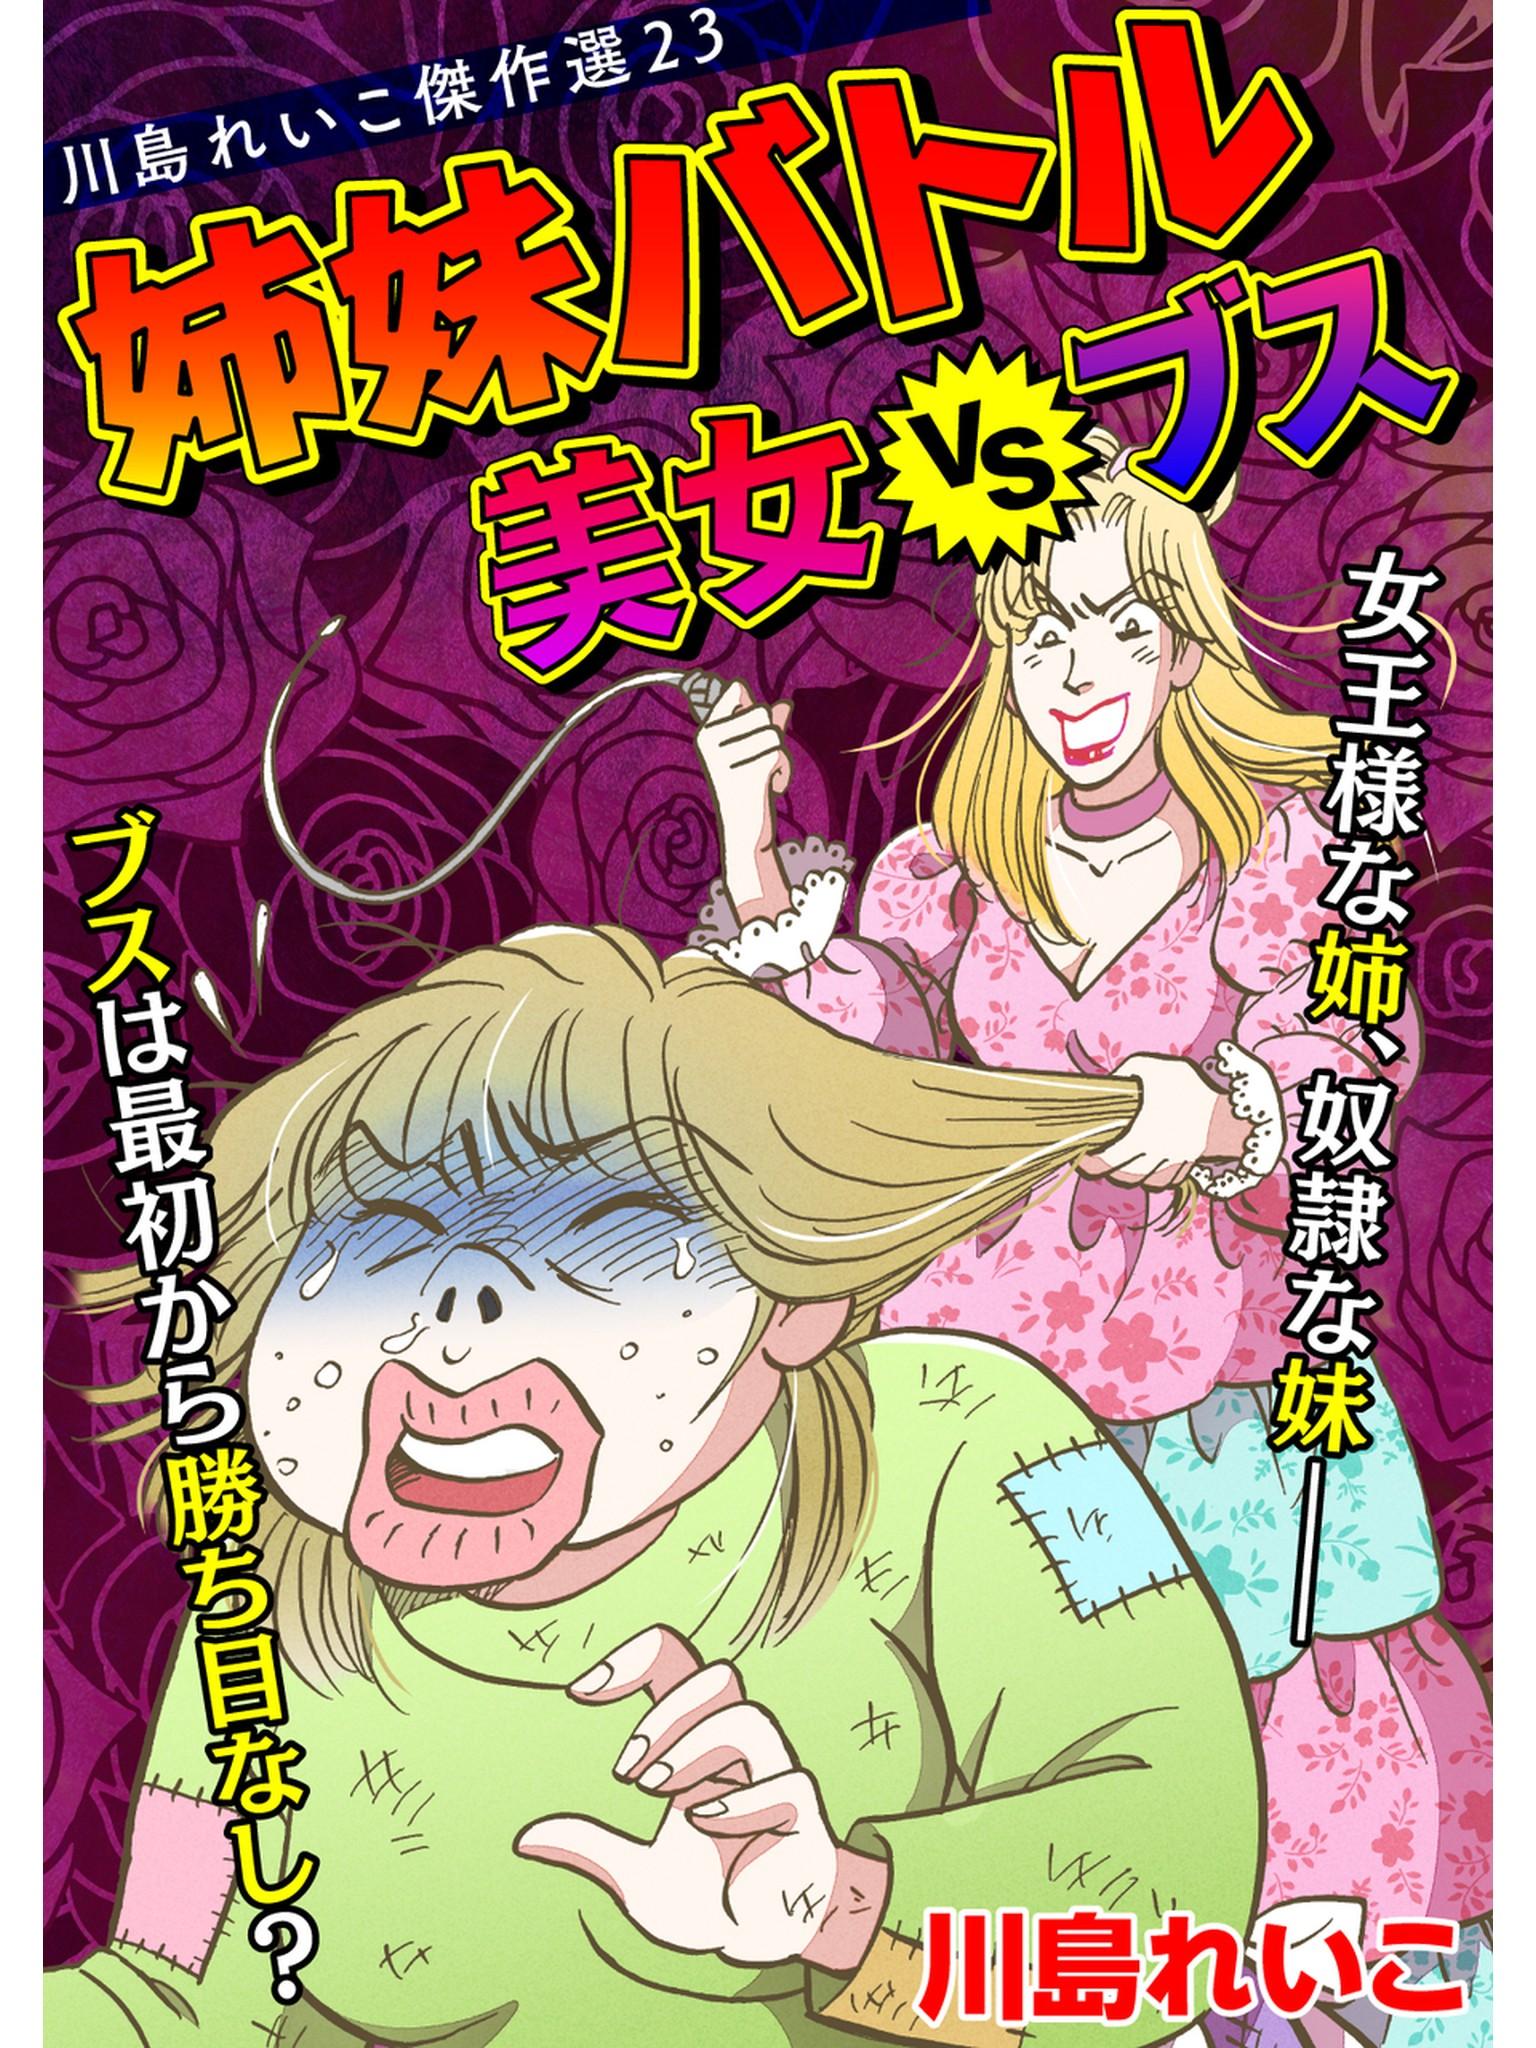 川島れいこ傑作選(第23巻)